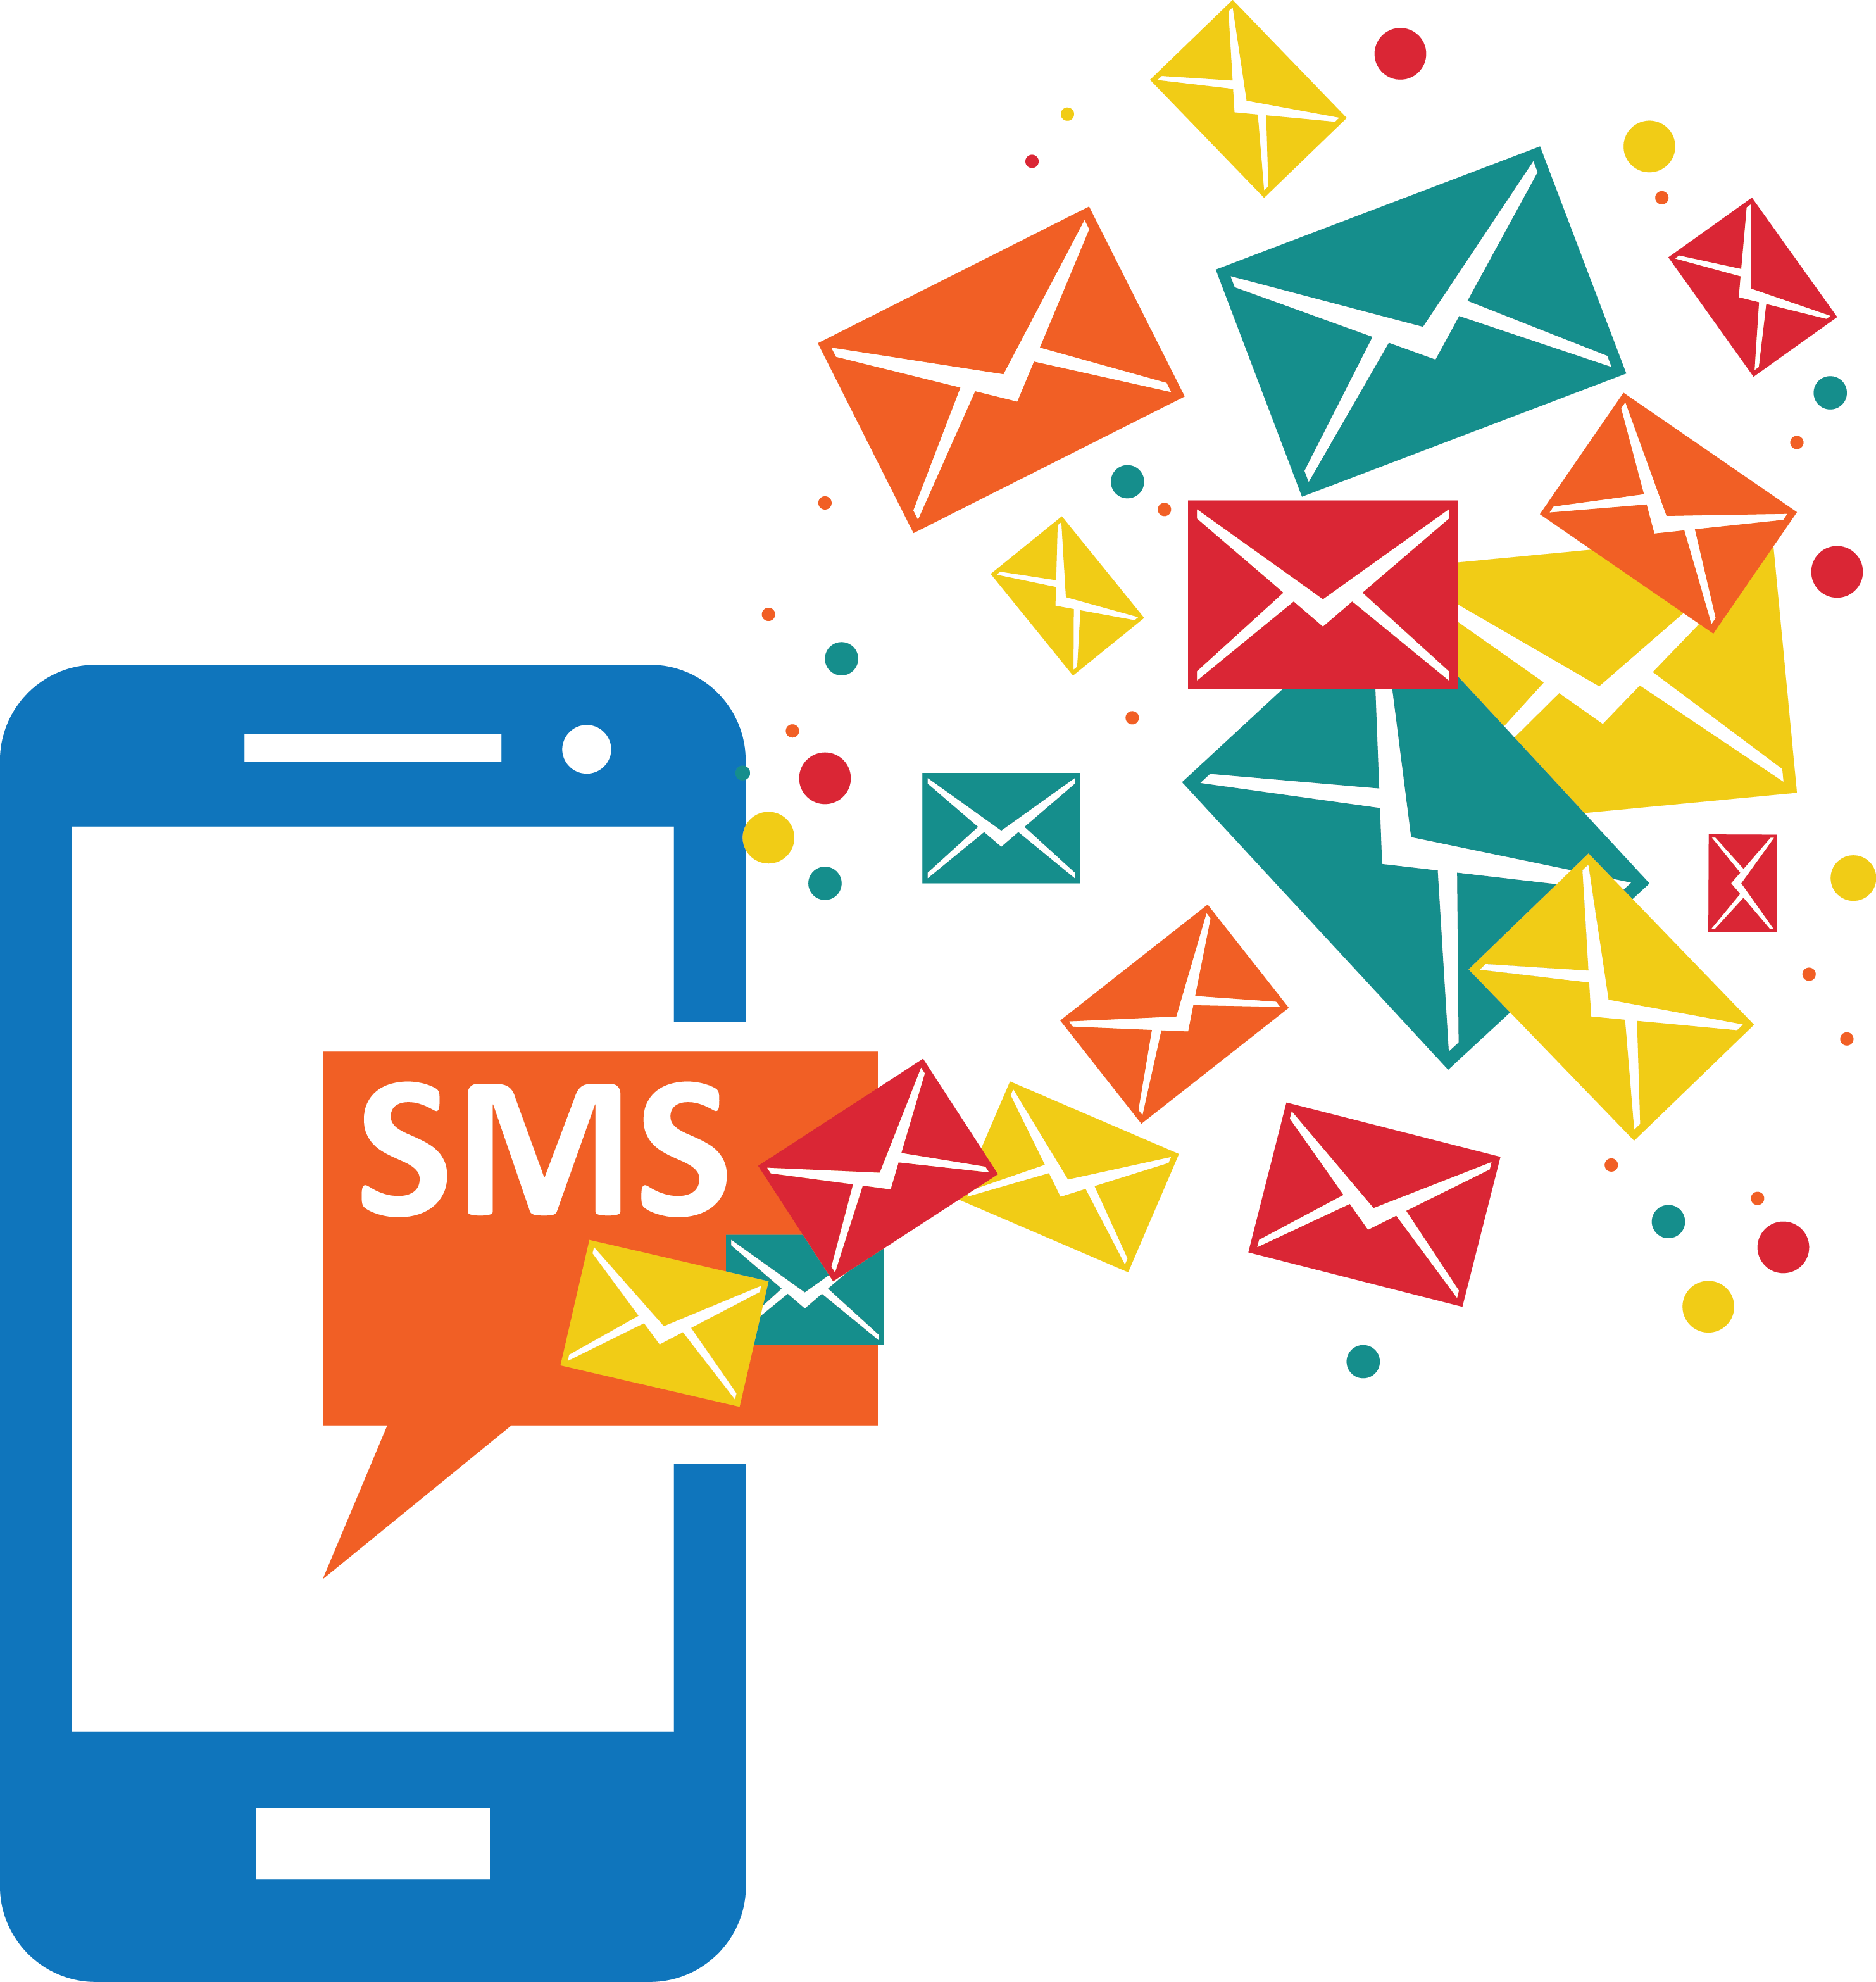 Le SMS marketing est une pratique déjà couramment utilisée